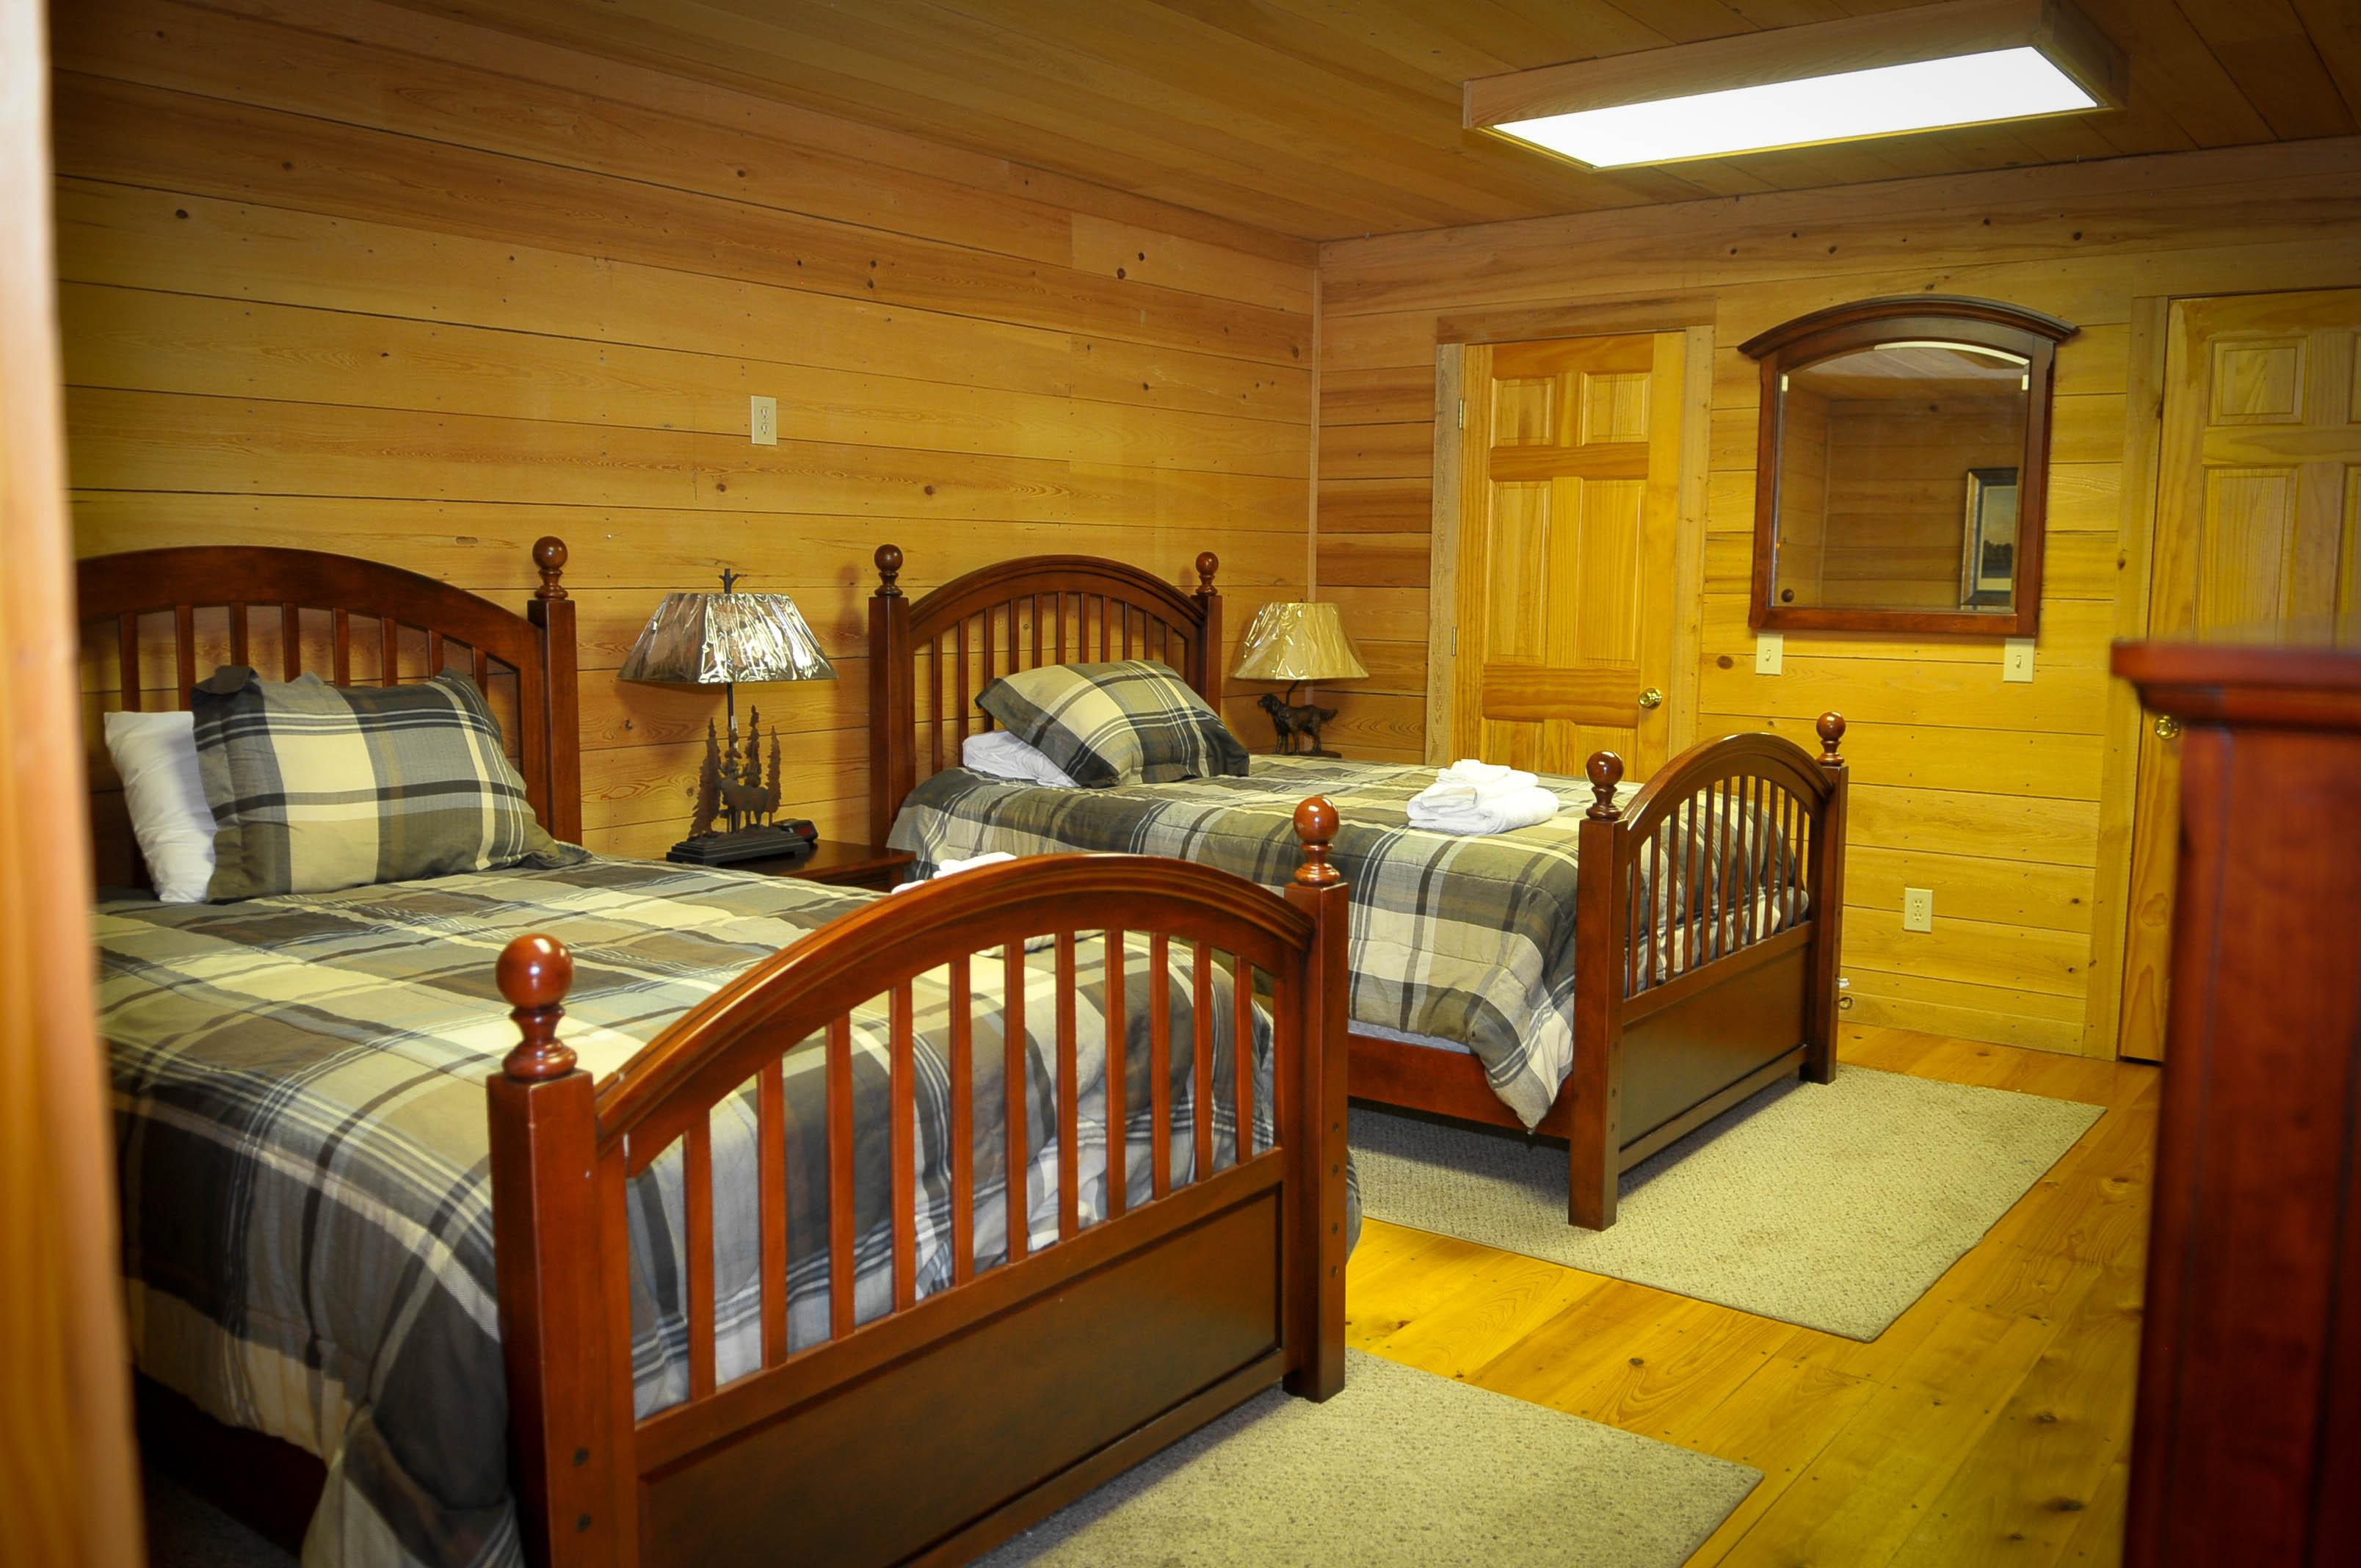 Buckhead Ranch Bunk House